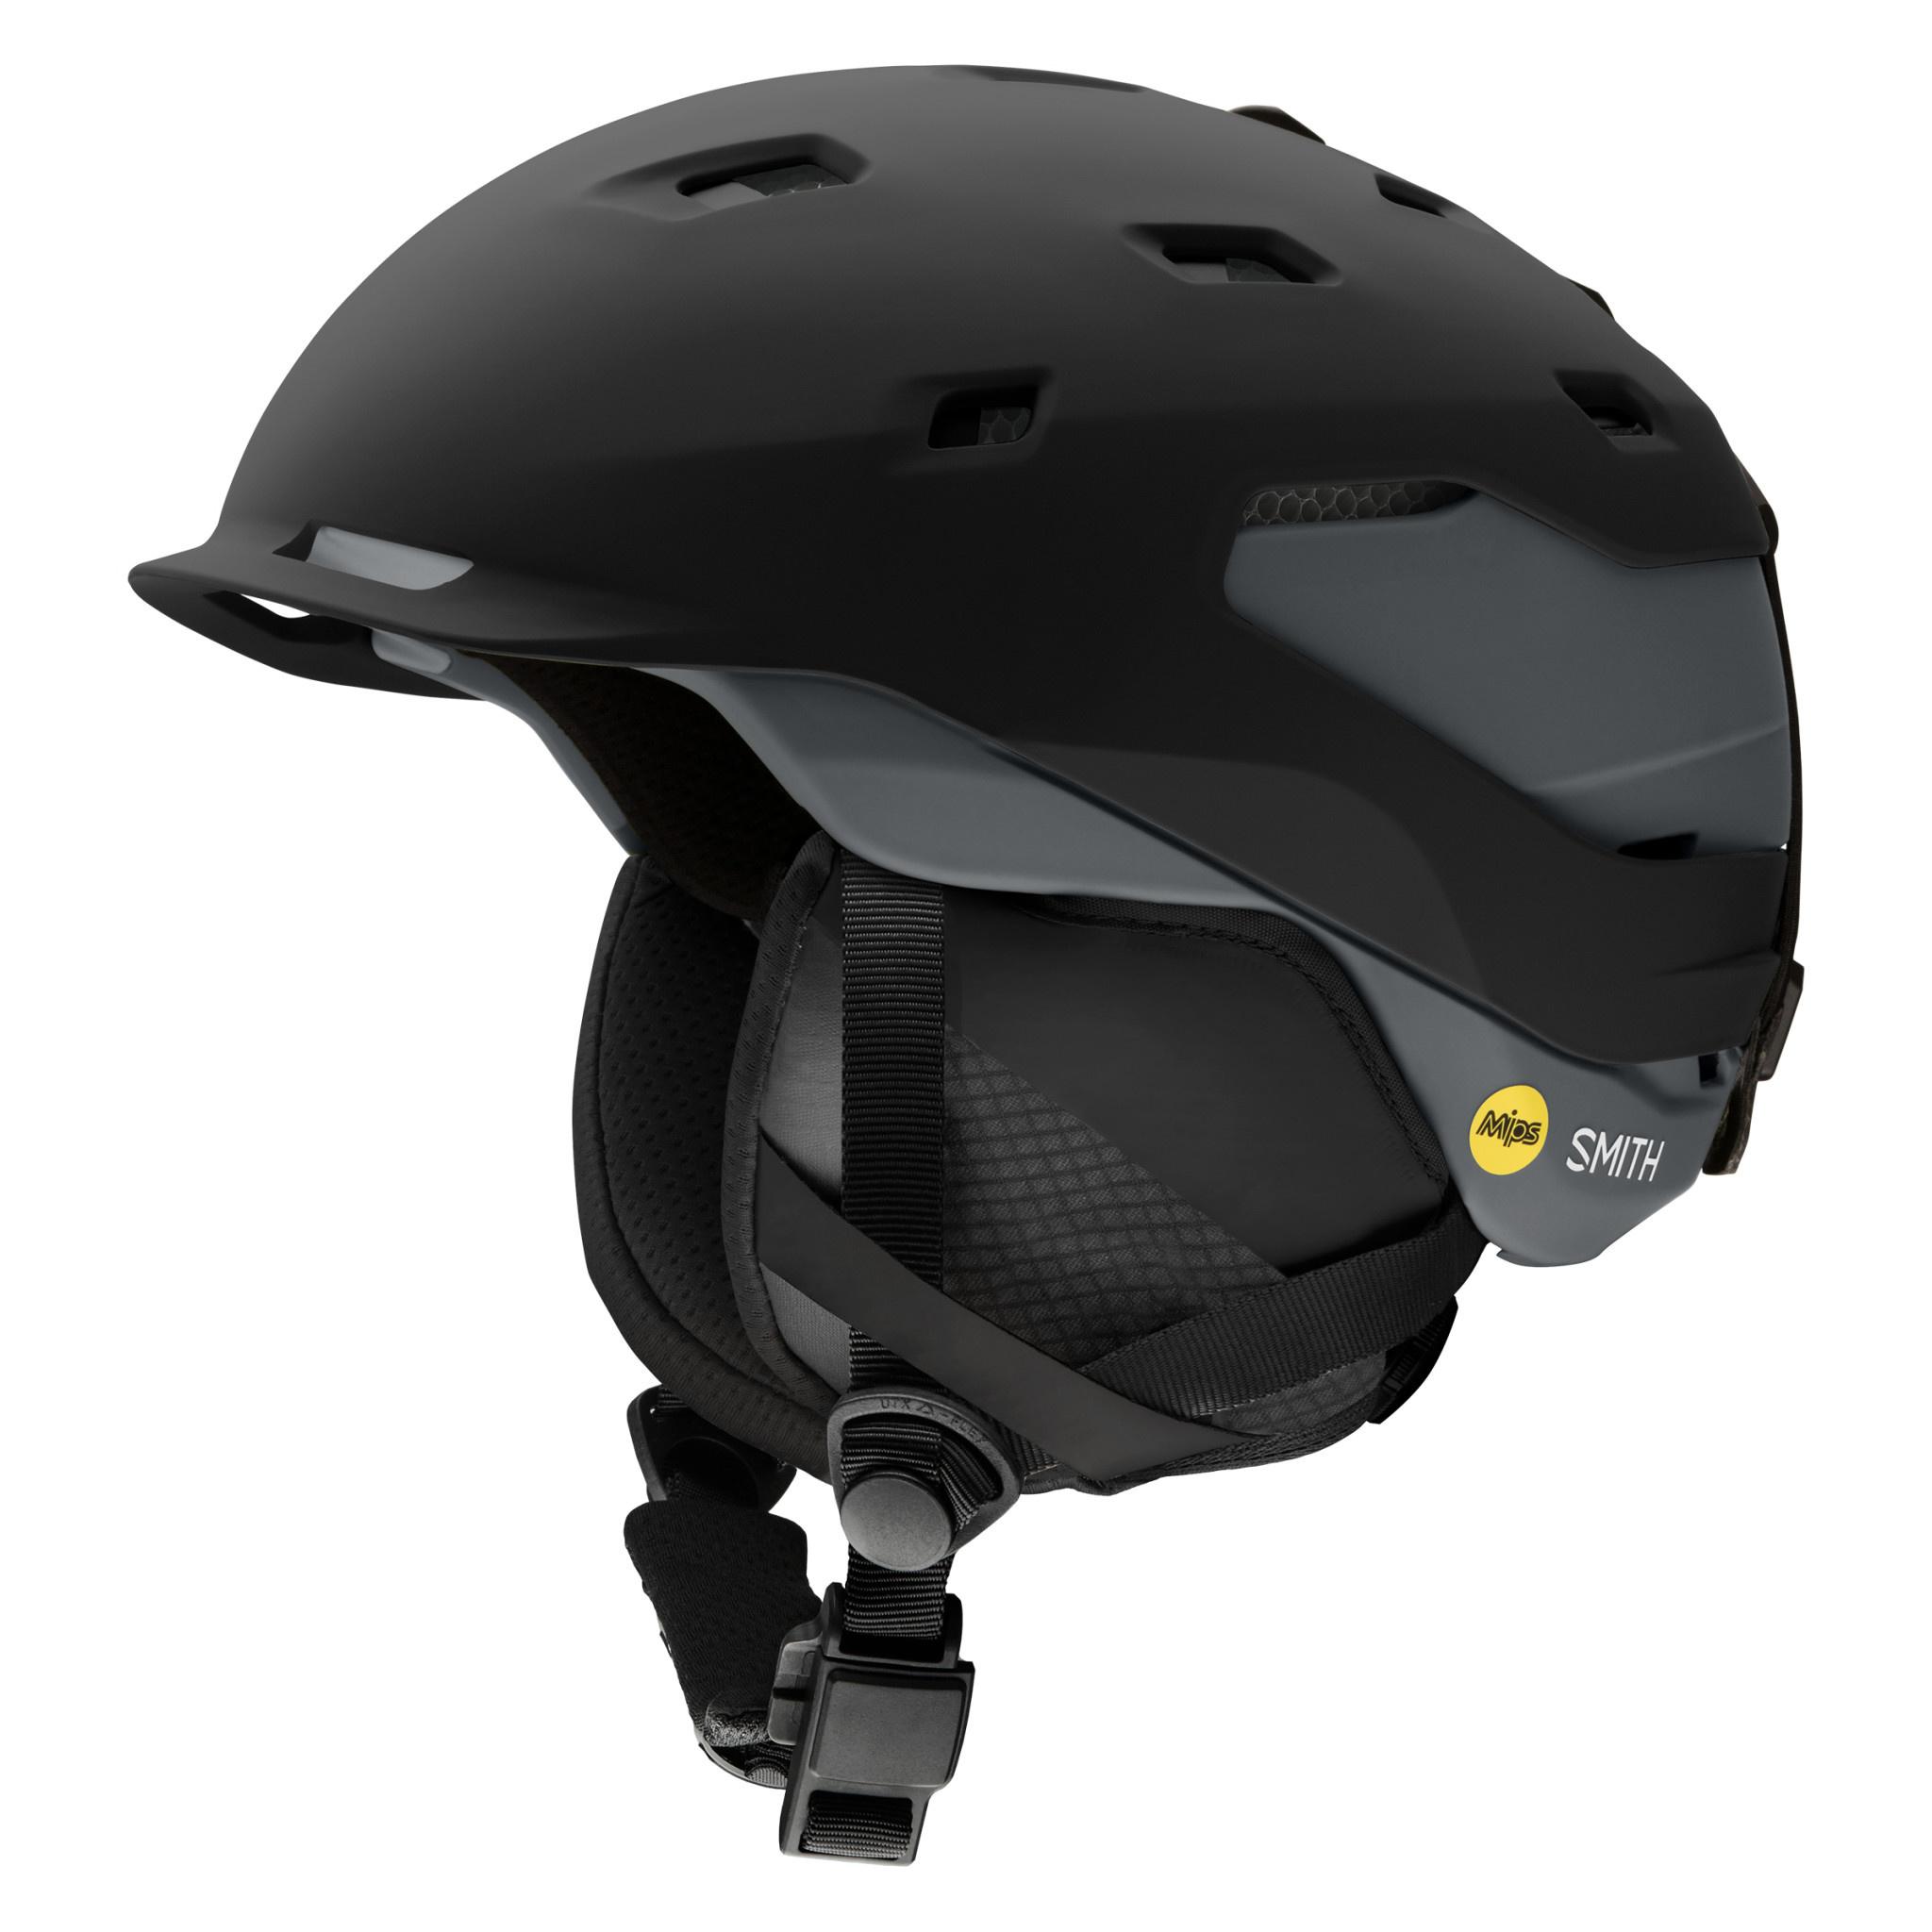 Smith Smith Quantum MIPS Snow Helmet